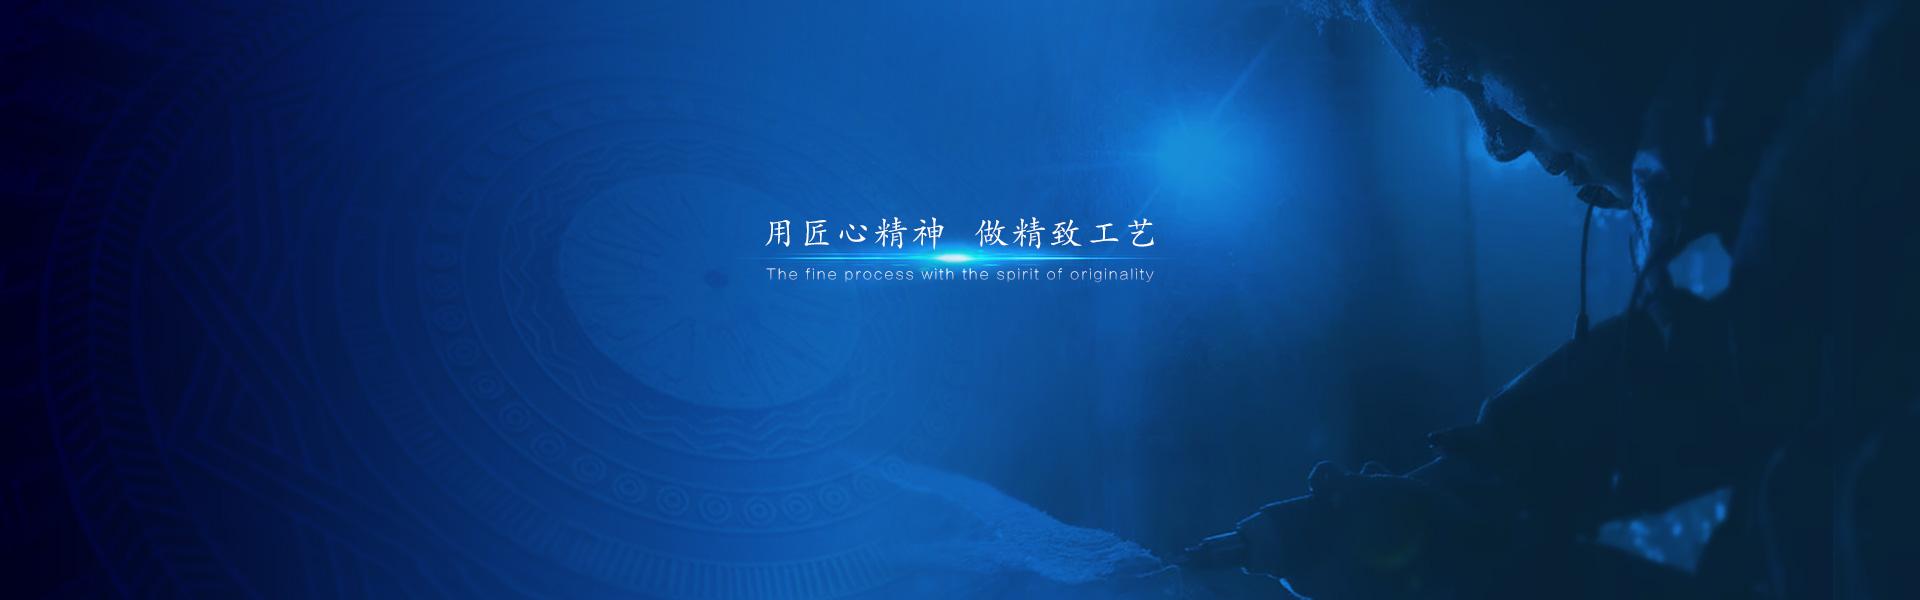 南宁手绘壁画,南宁工艺品定制,南宁人物写实雕塑